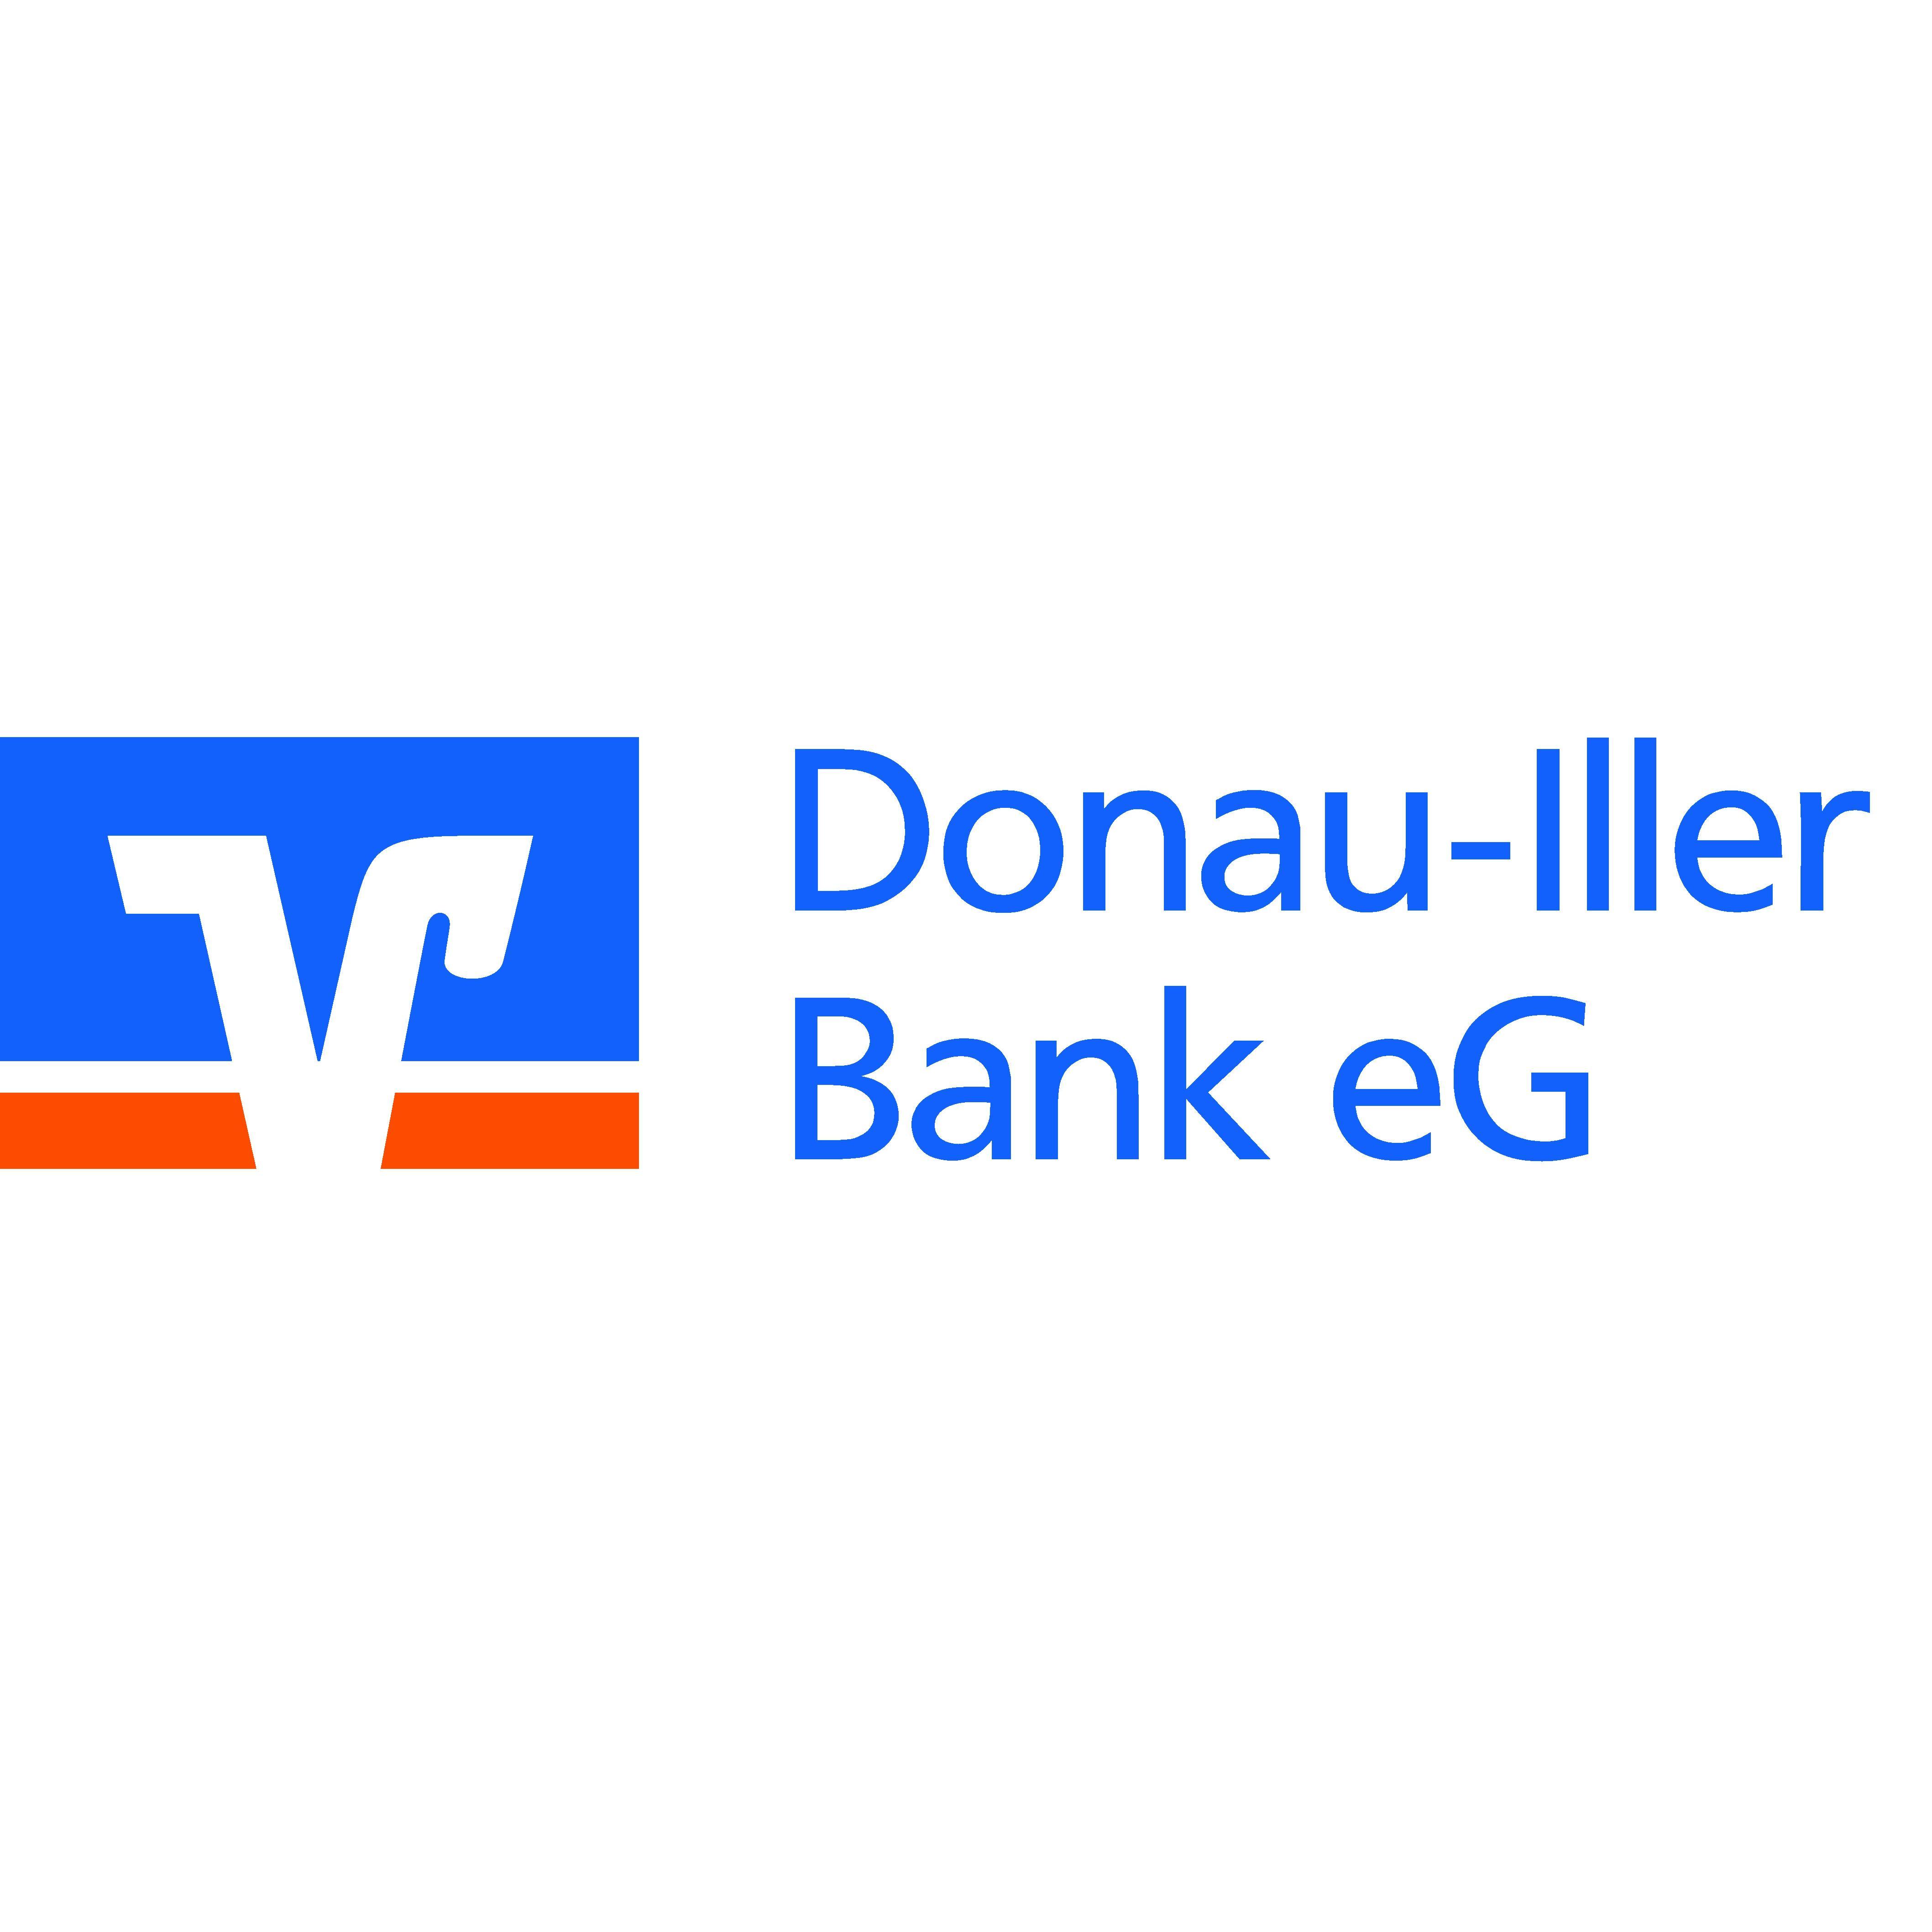 Bild zu Donau-Iller Bank eG, Geschäftsstelle Erbach in Erbach an der Donau